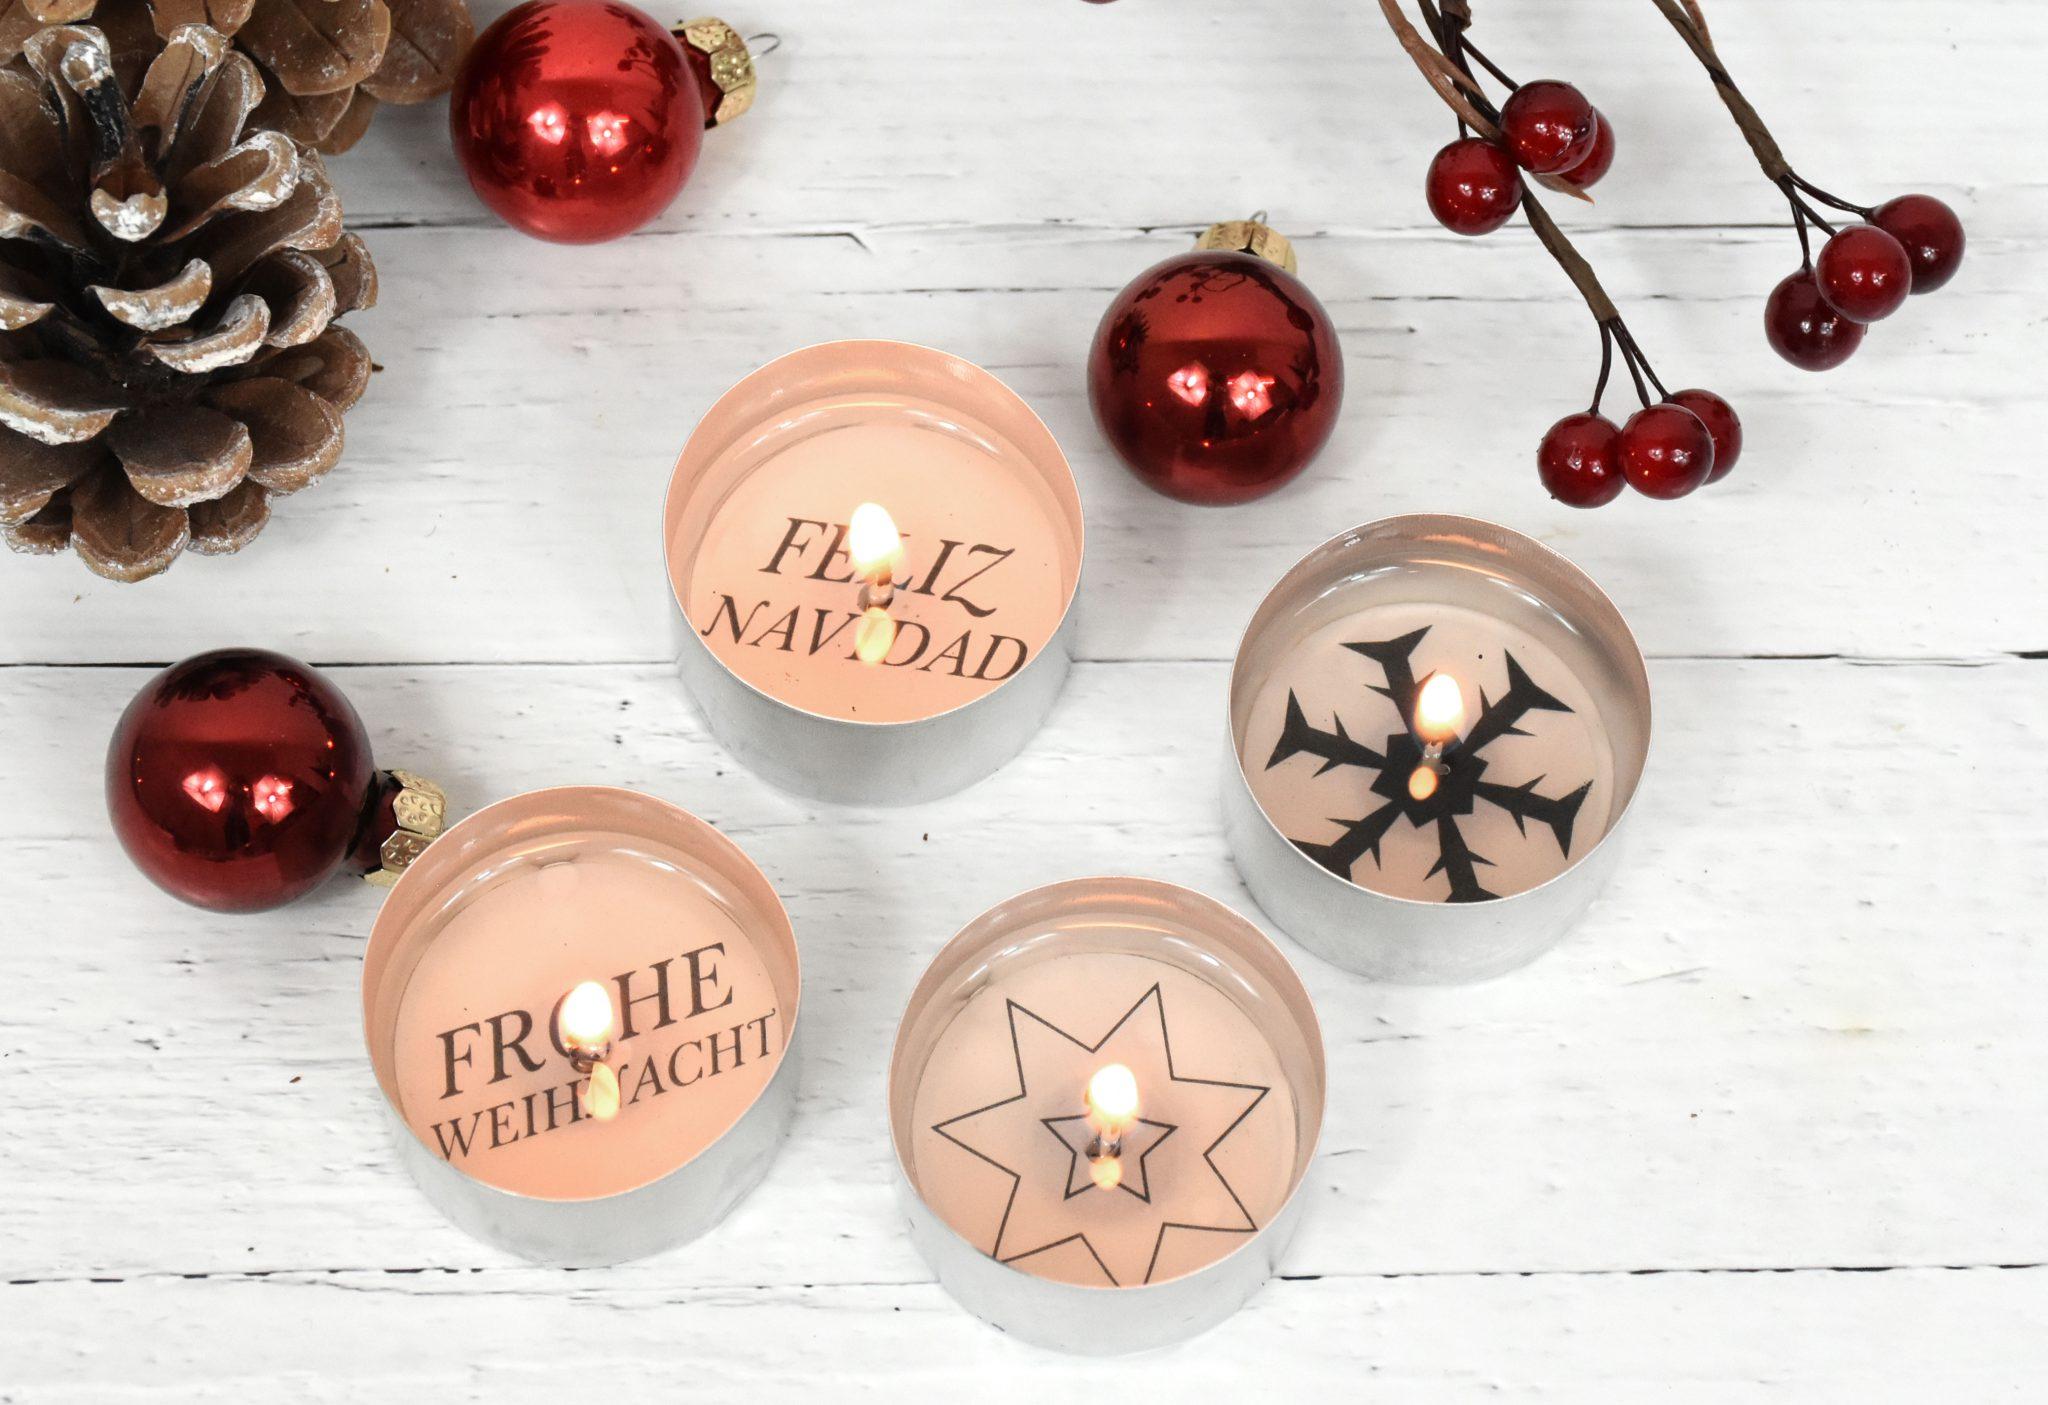 Vier Teelichter mit Weihnachtsmotiven von oben